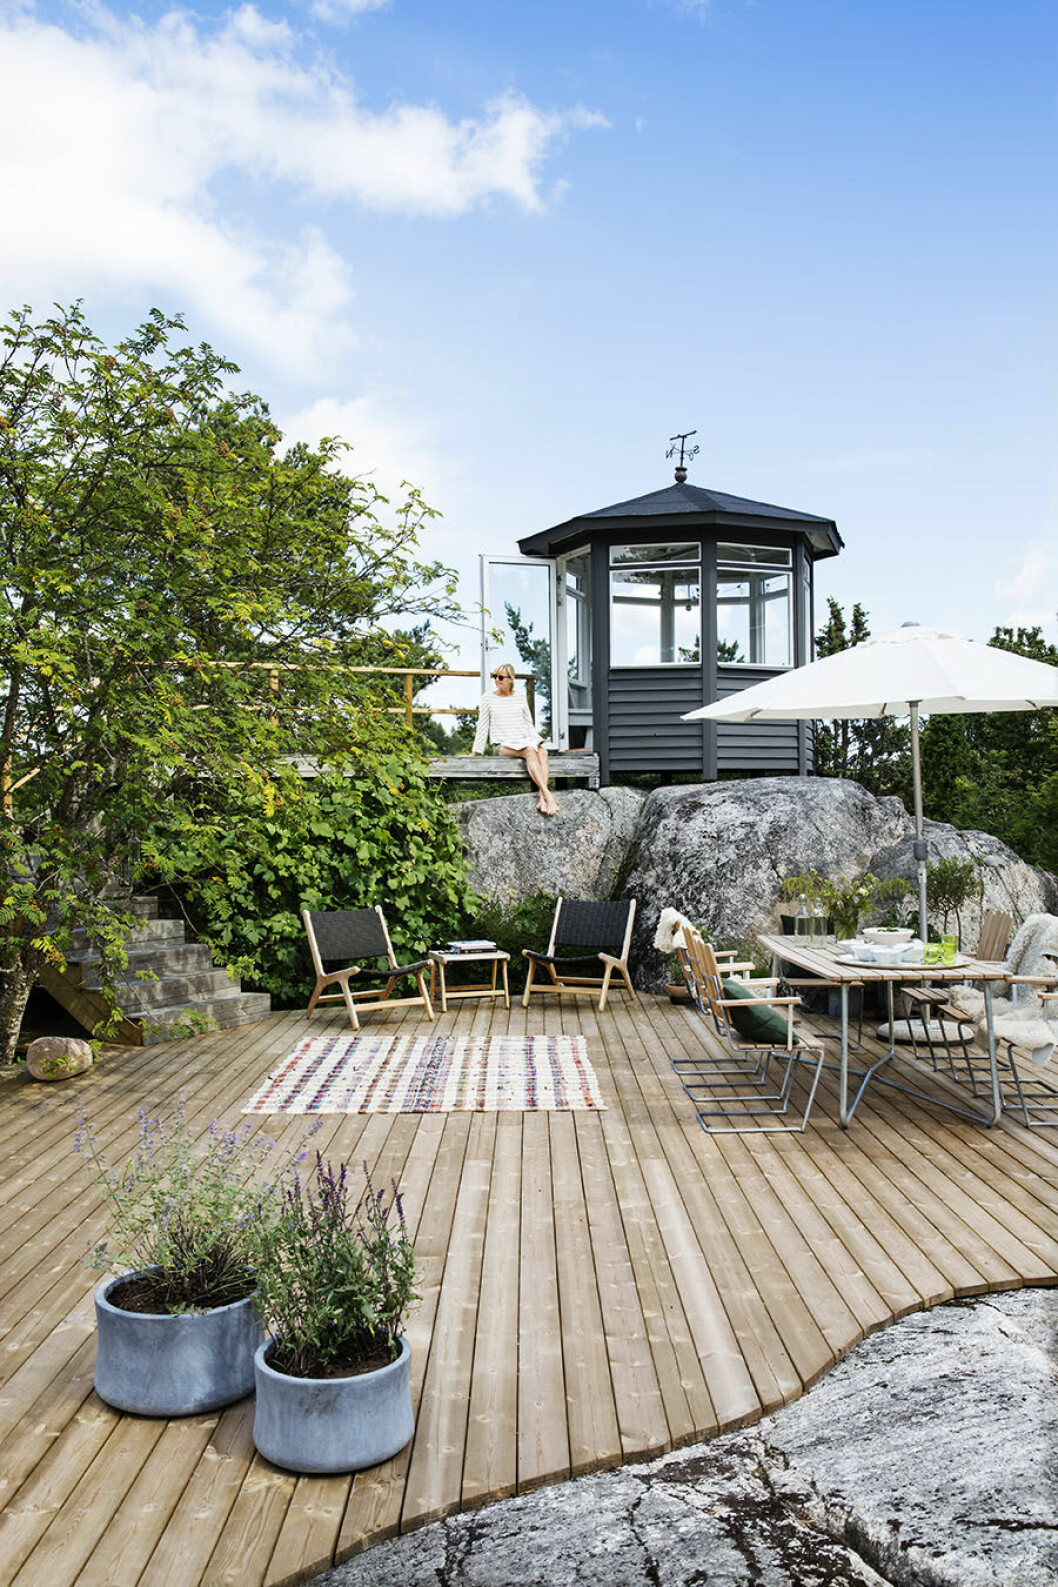 Uteplats i skärgården med platsbyggt trädäck mellan bergen